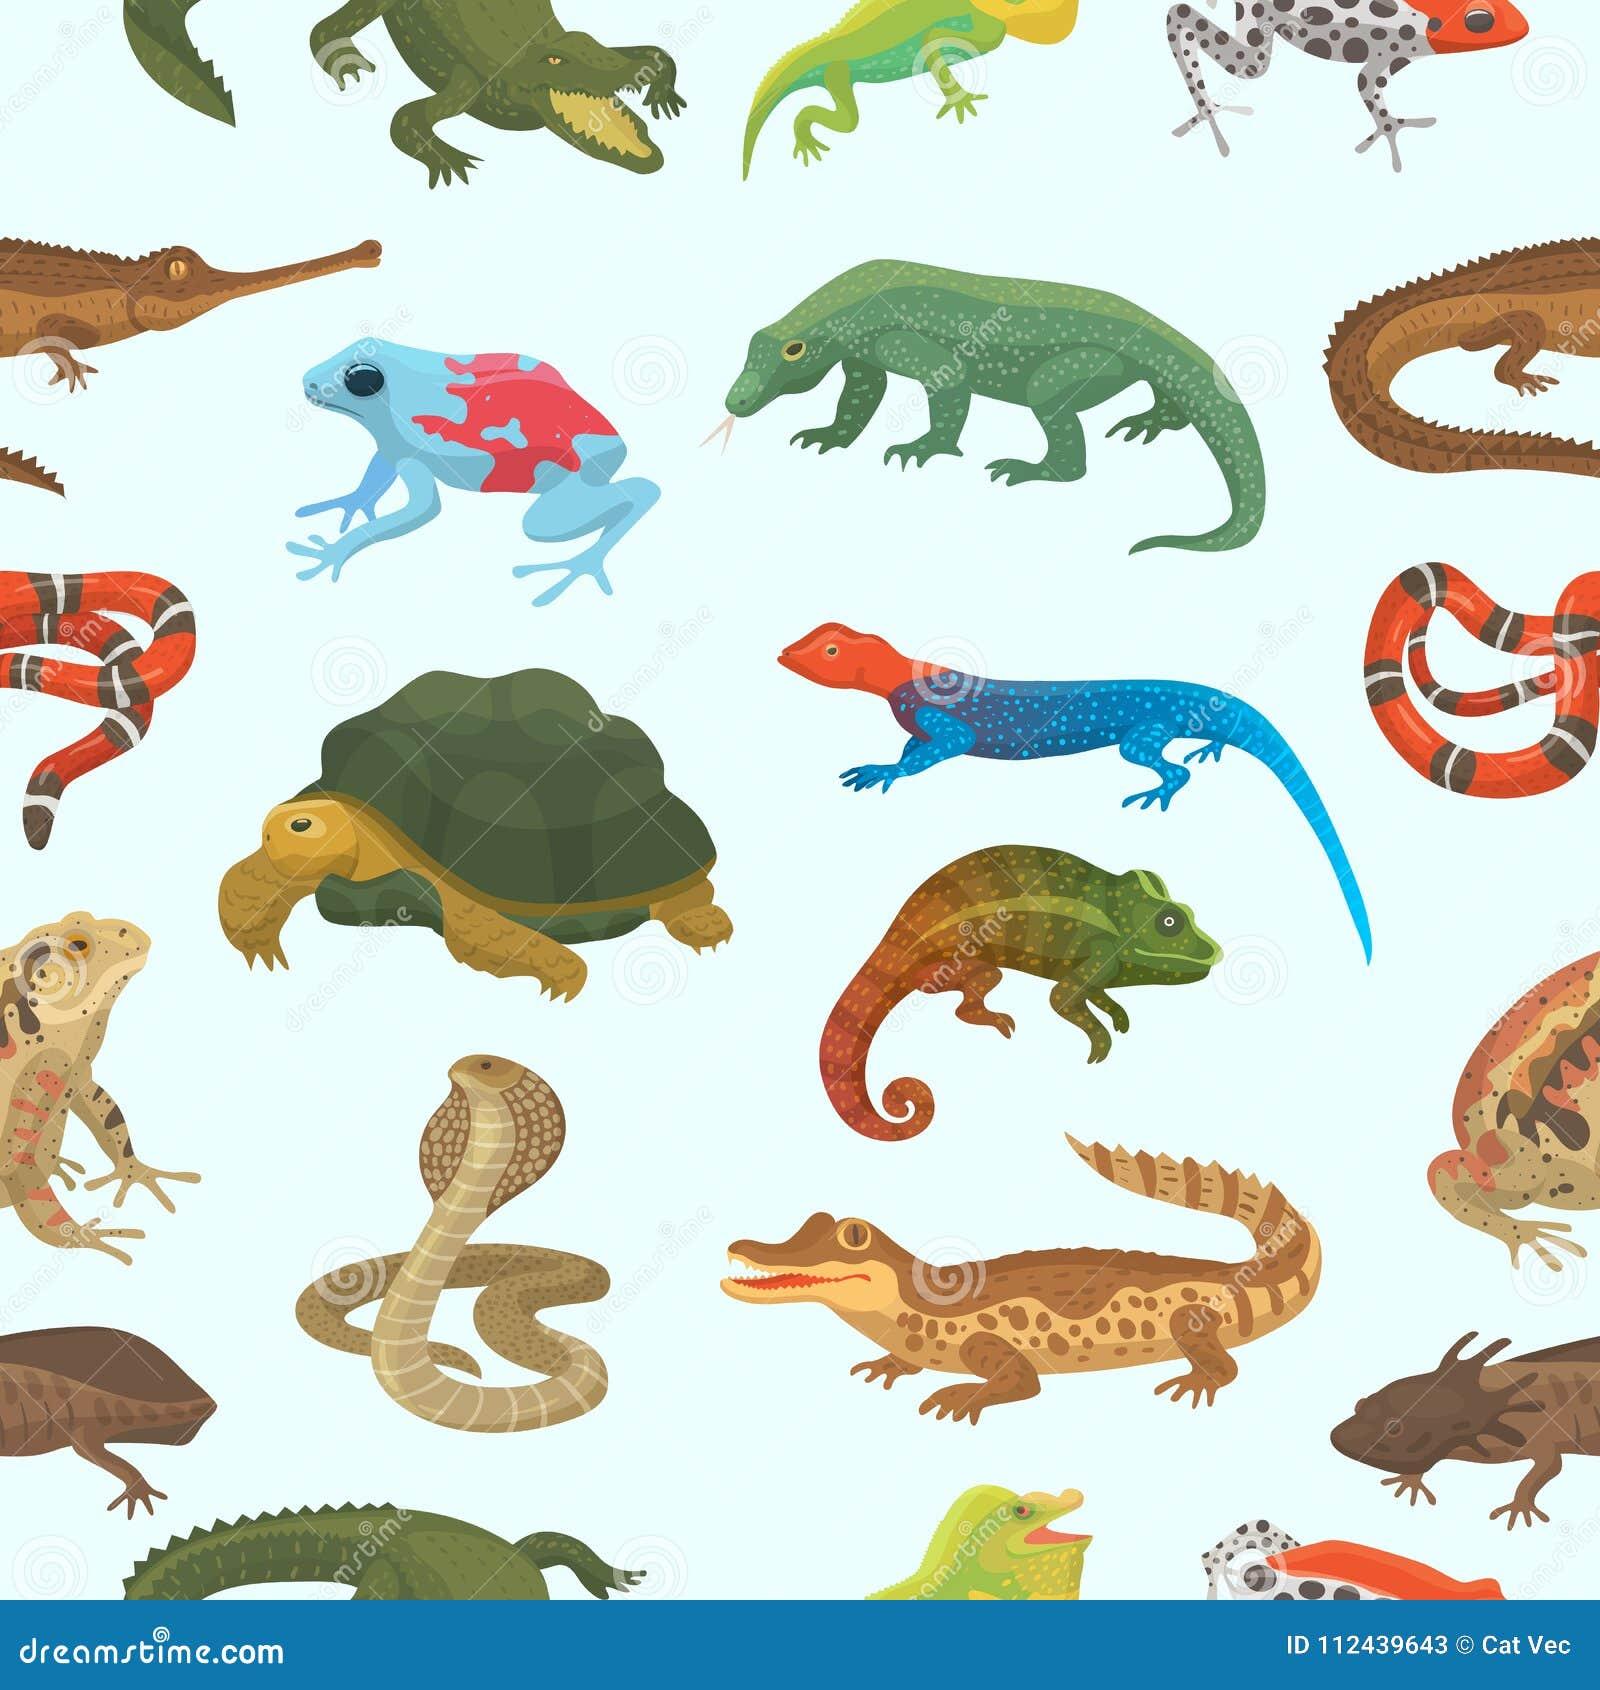 Vector reptiel dierlijk het wild wild kameleon van de aardhagedis, slang, schildpad, krokodilillustratie van reptilian